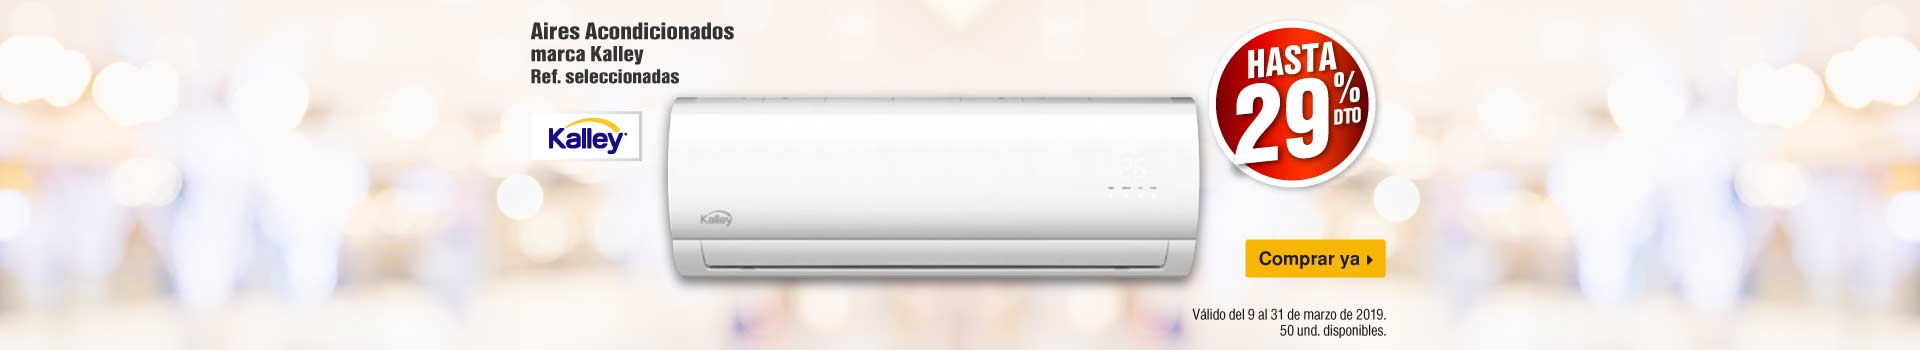 AK-KT-mayores-2-ELECT-BCAT-climatizacion-kalley-060319